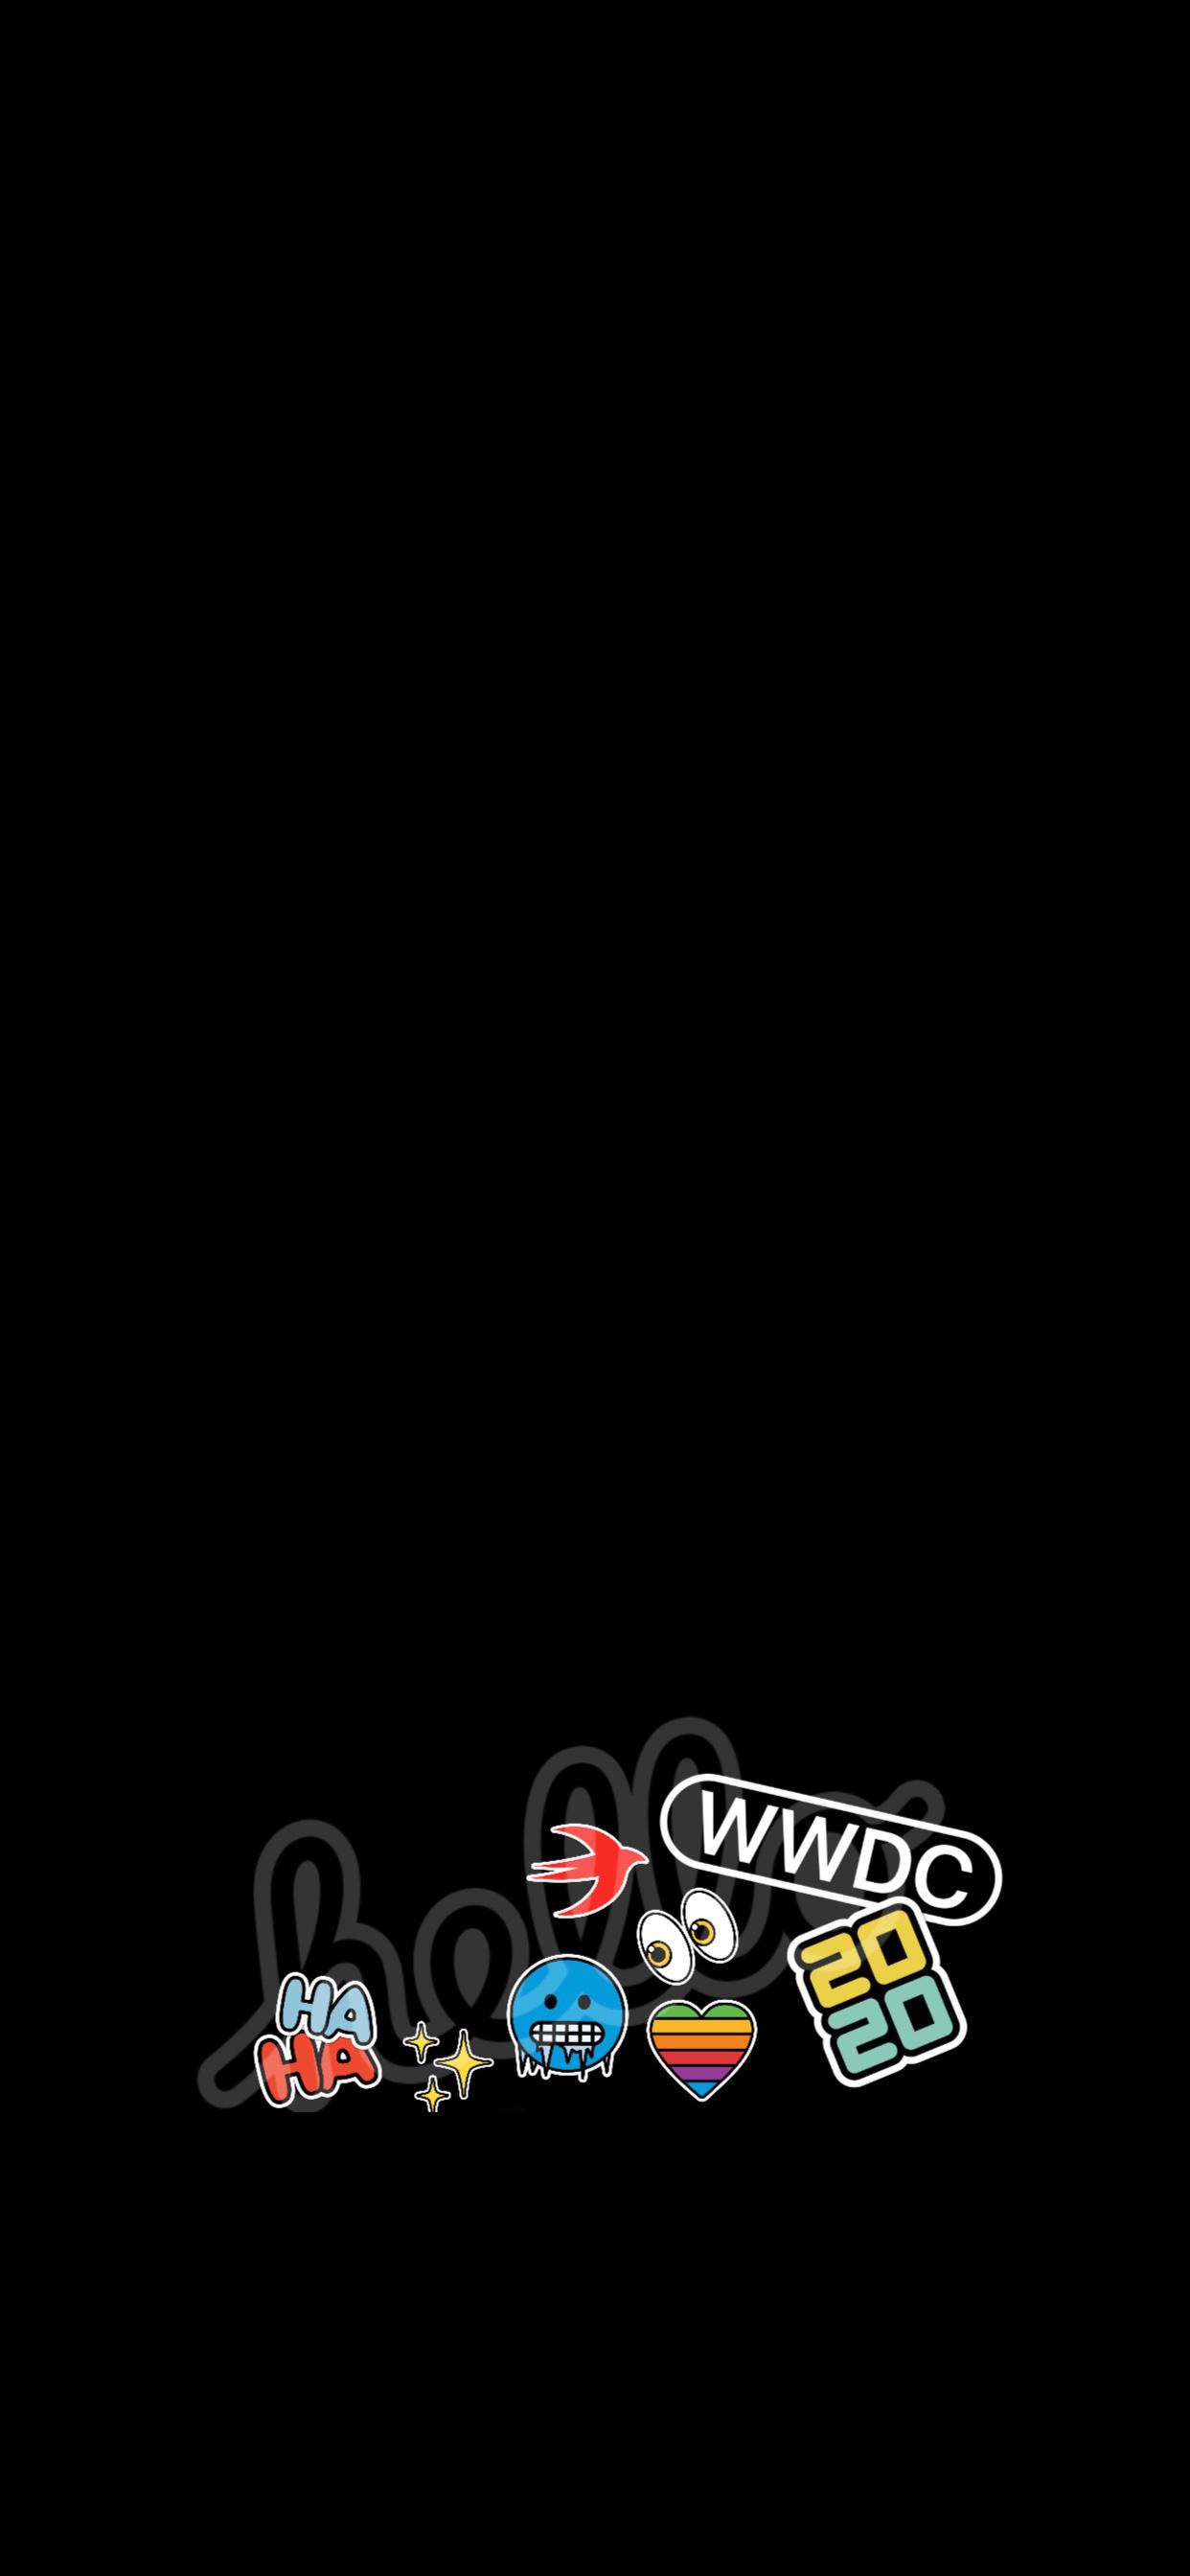 WWDC 2020 iPhone wallpaper AR72014 iDownloadBlog Sticker bottom dark